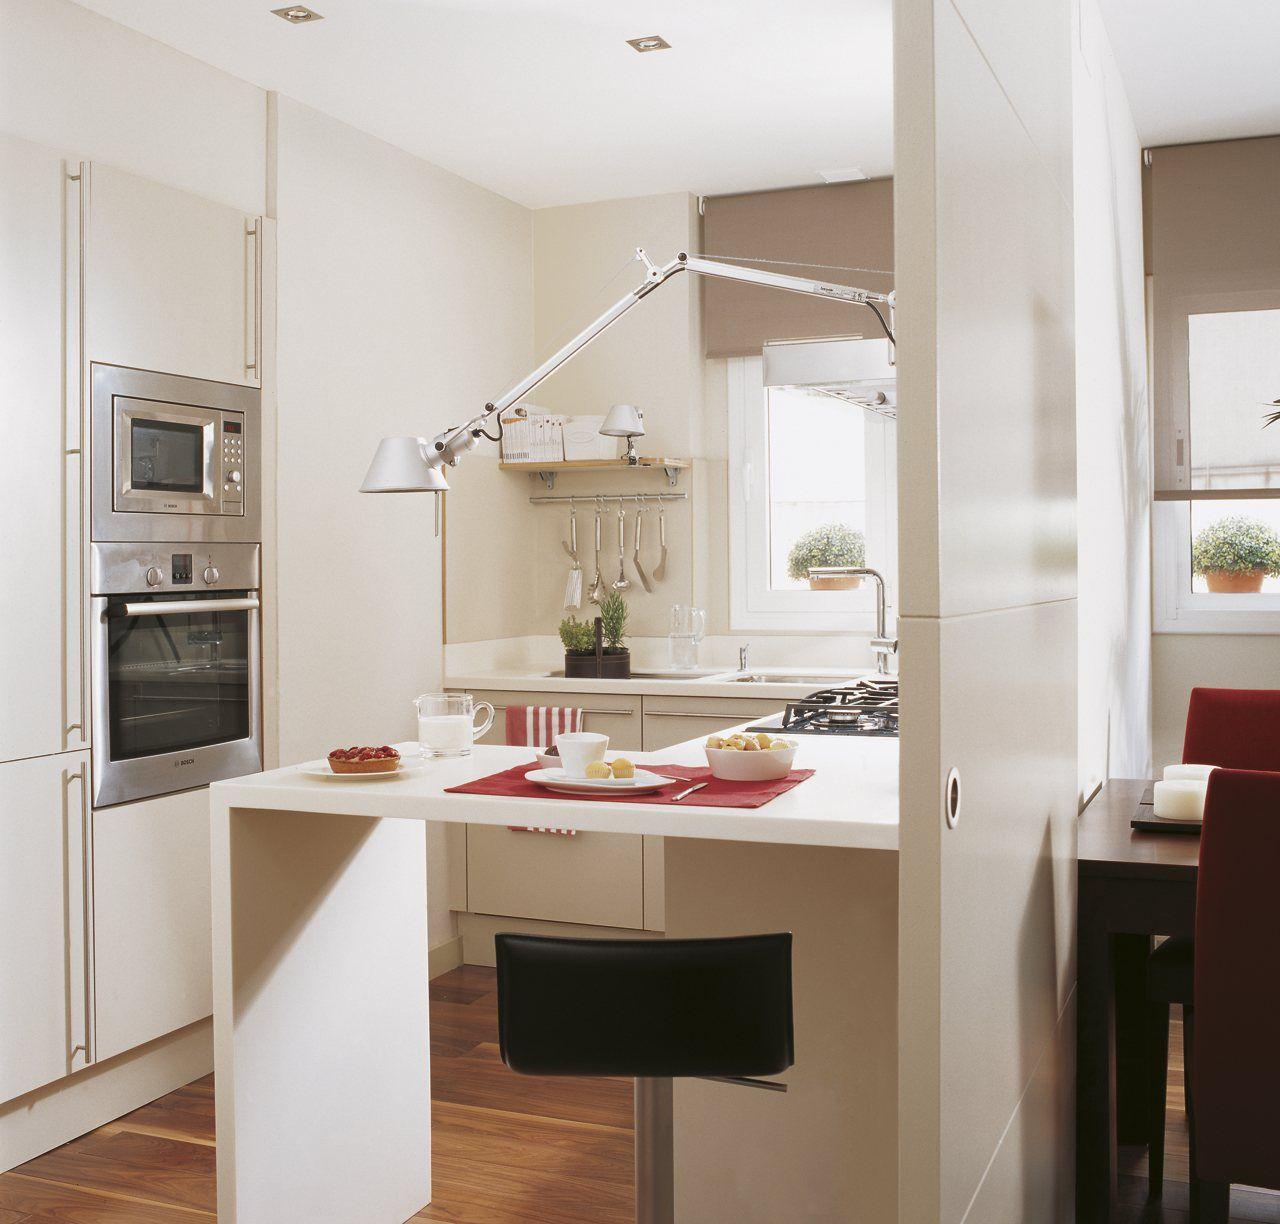 Cocinas peque as con ideas cocina peque a puertas for Puertas correderas pequenas